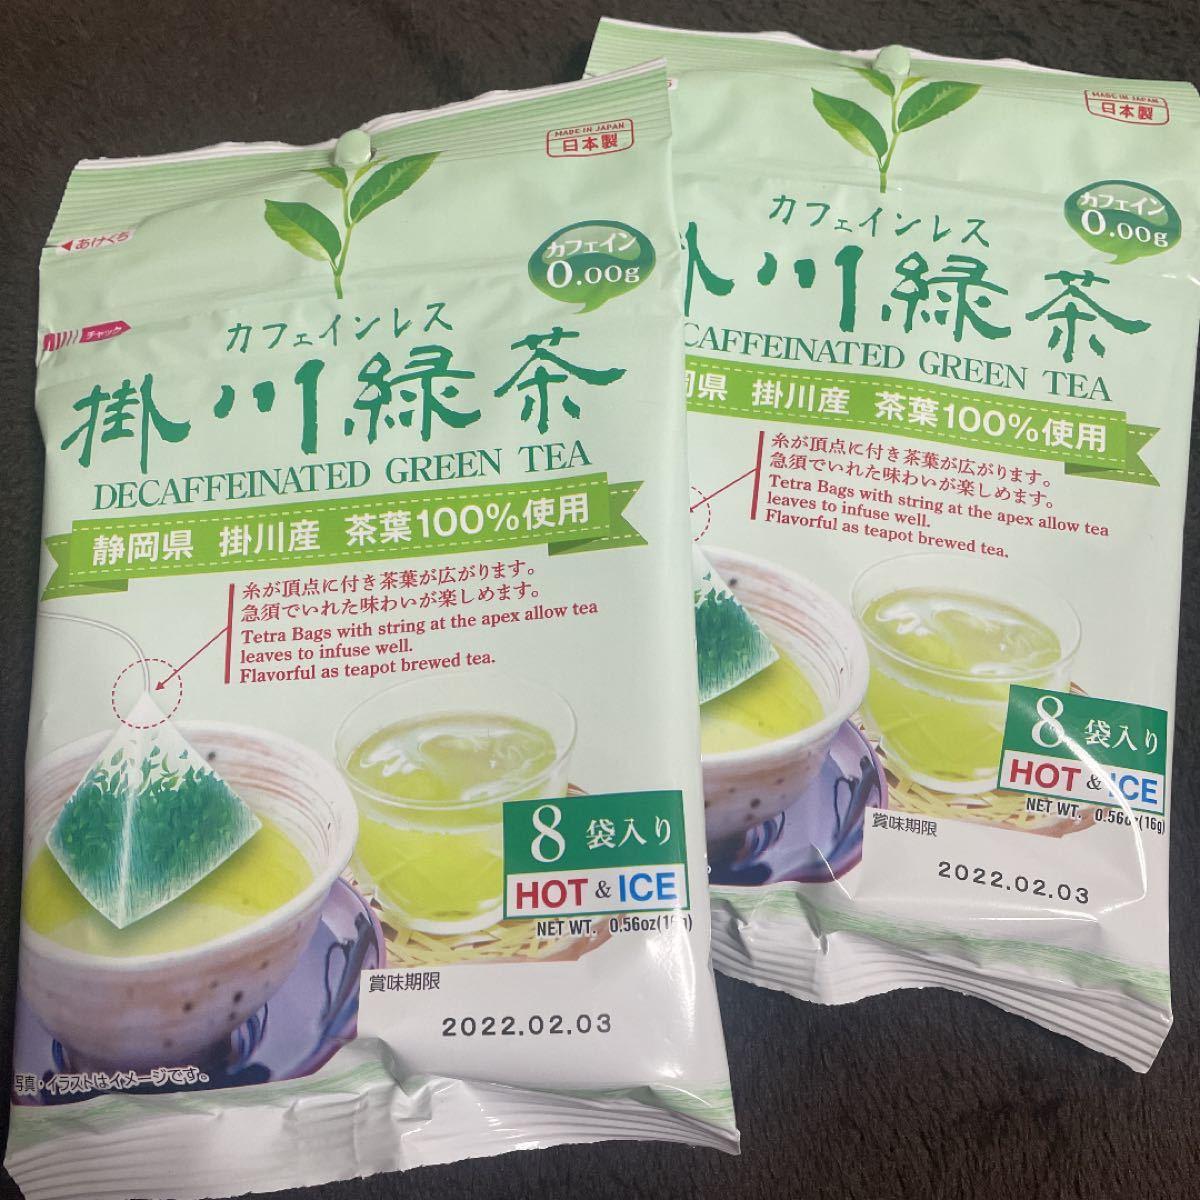 カフェインレス 掛川緑茶 ティーバッグ(8p入) × 2袋 ノンカフェイン デカフェ カフェインゼロ 0.00 お茶 健康茶